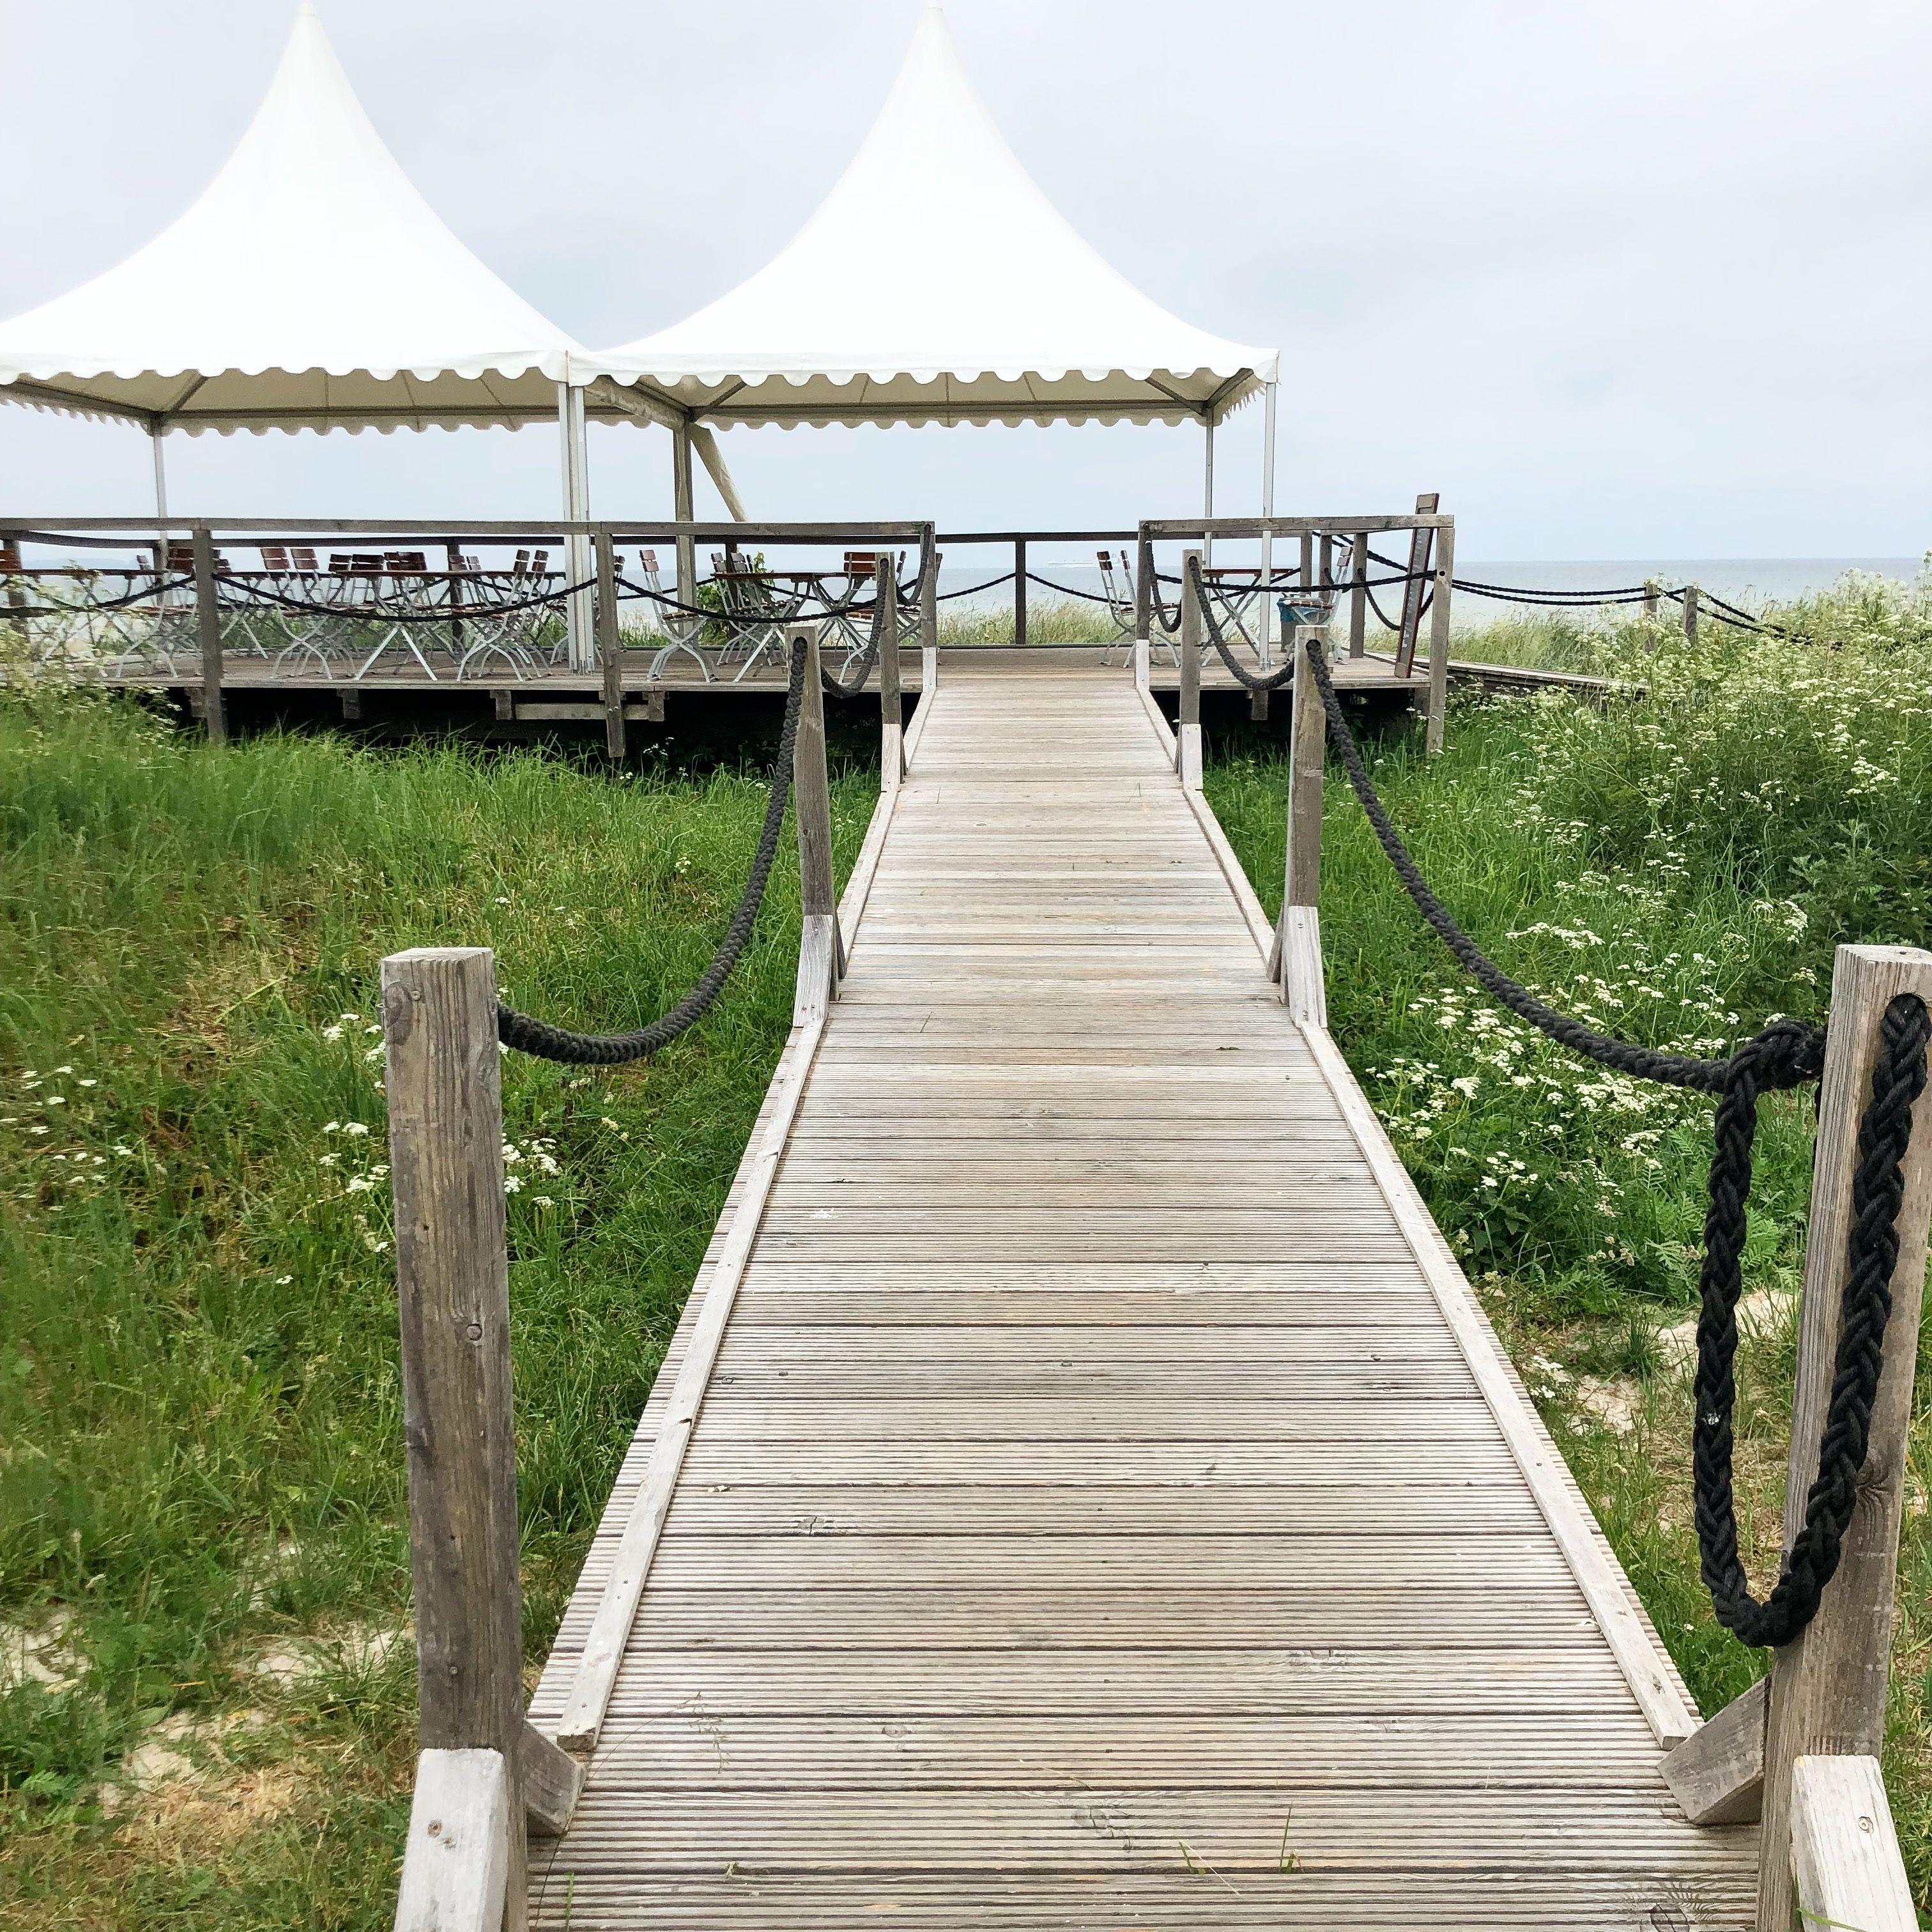 Lassige Boho Strandhochzeit An Der Ostsee Hochzeitsblog The